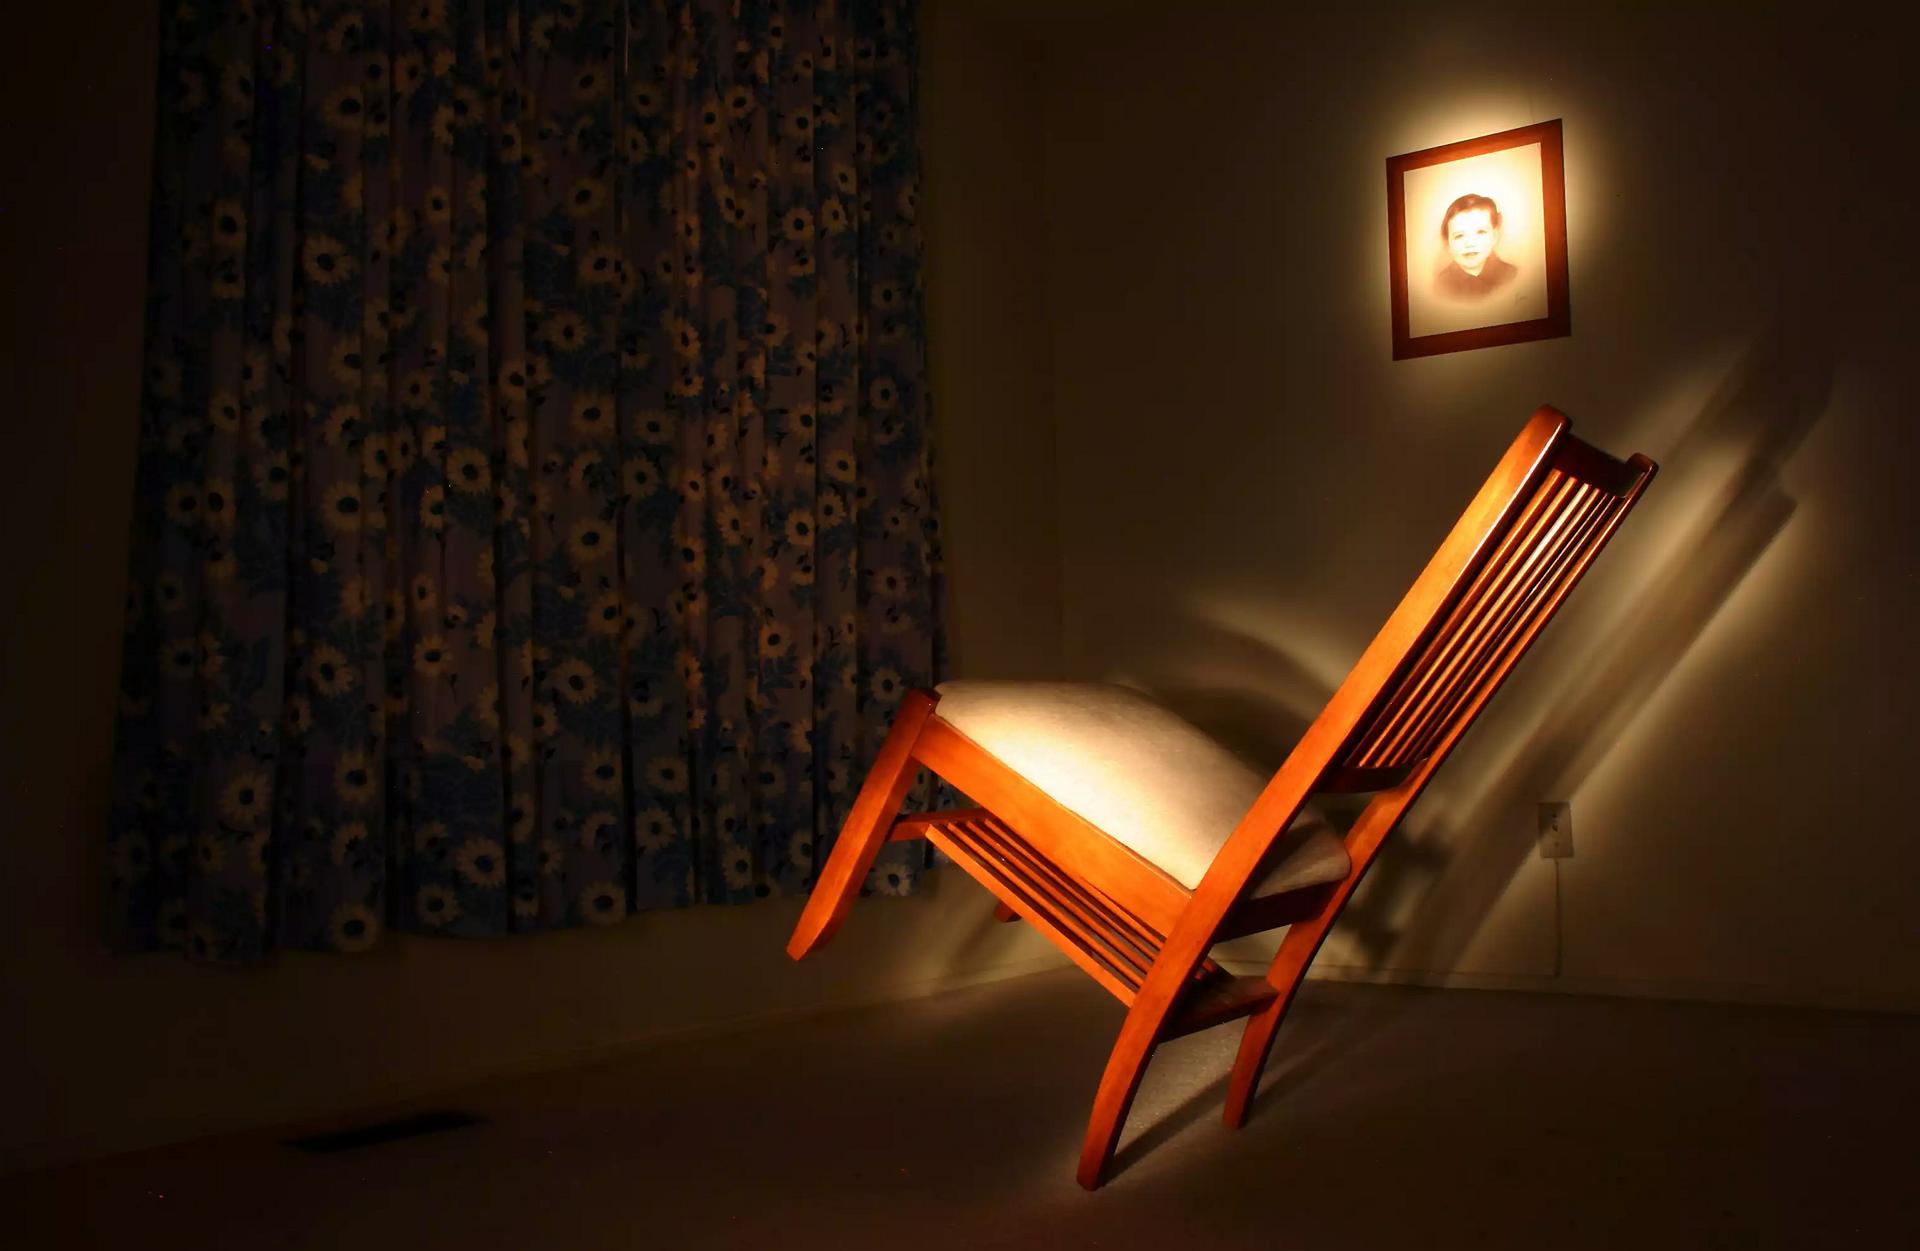 03_poltergeist_chair - 1920-1250